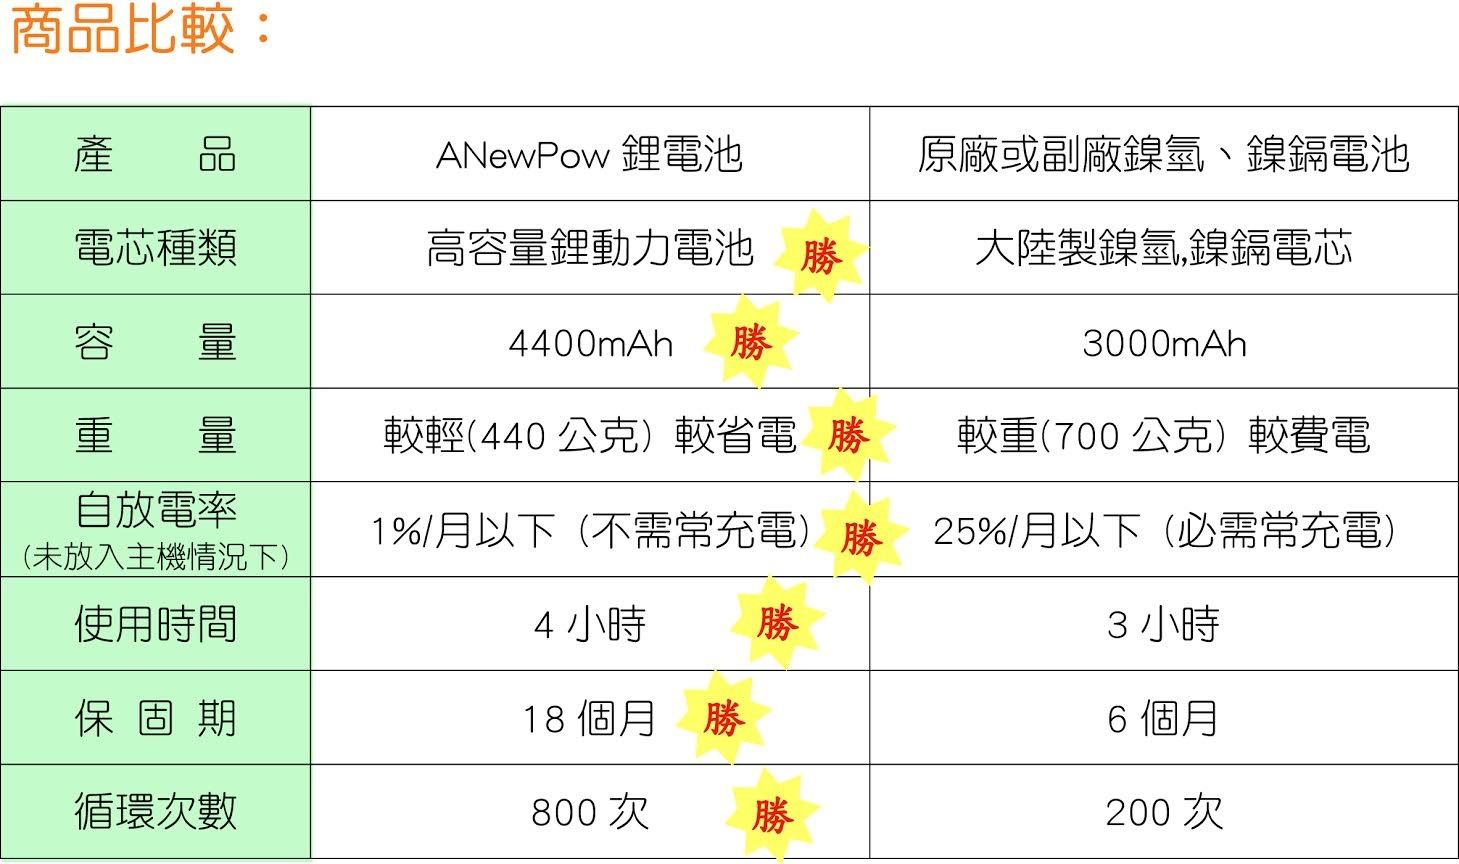 2f98cb02-c0c2-4f24-adcc-412eab994d5d